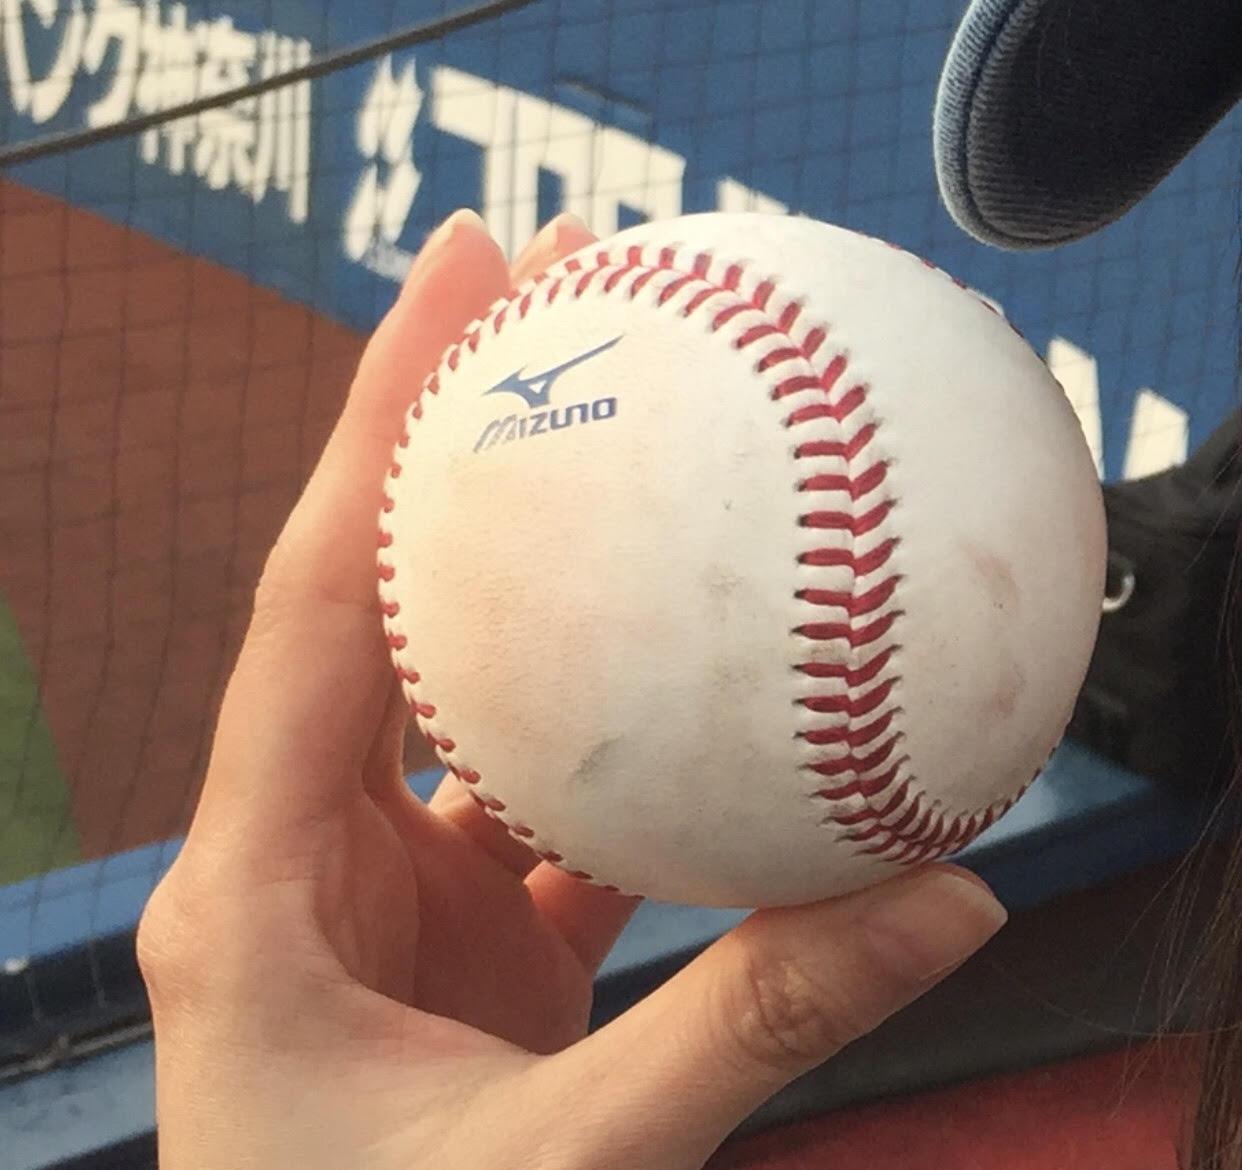 【スタッフブログ】野球観戦